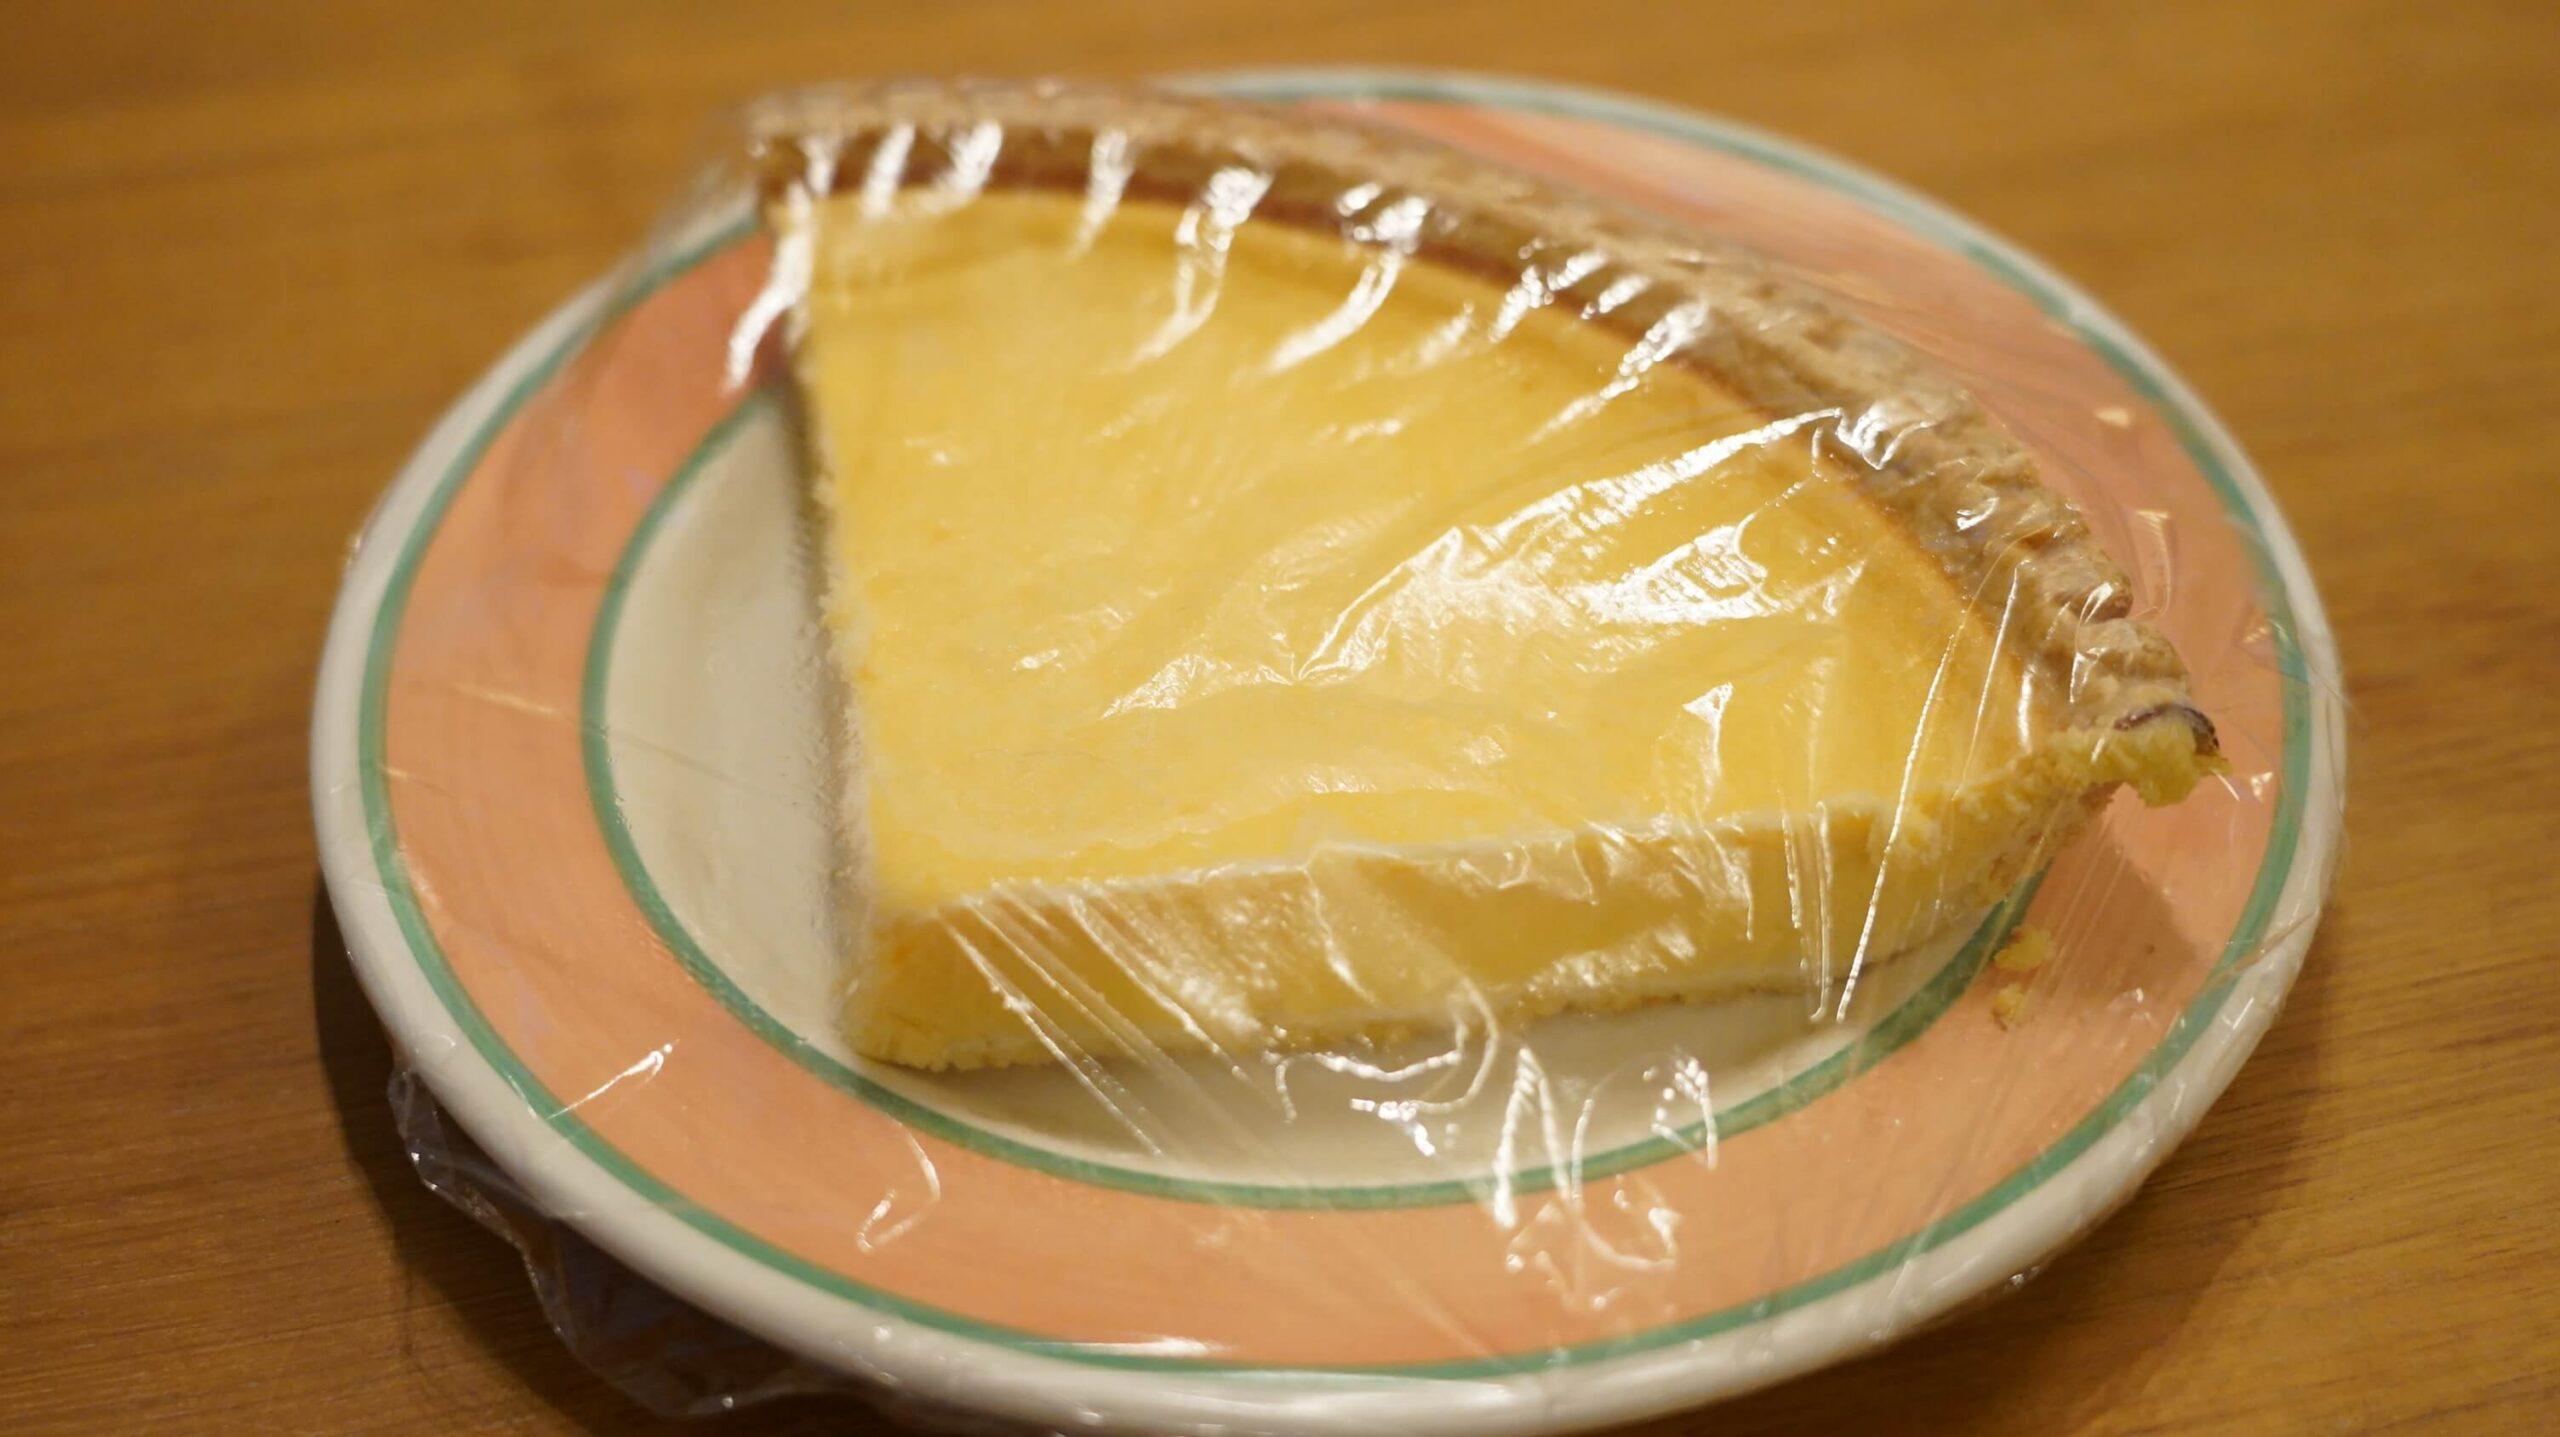 コストコのチーズケーキ「トリプルチーズタルト」にラップをかけた写真